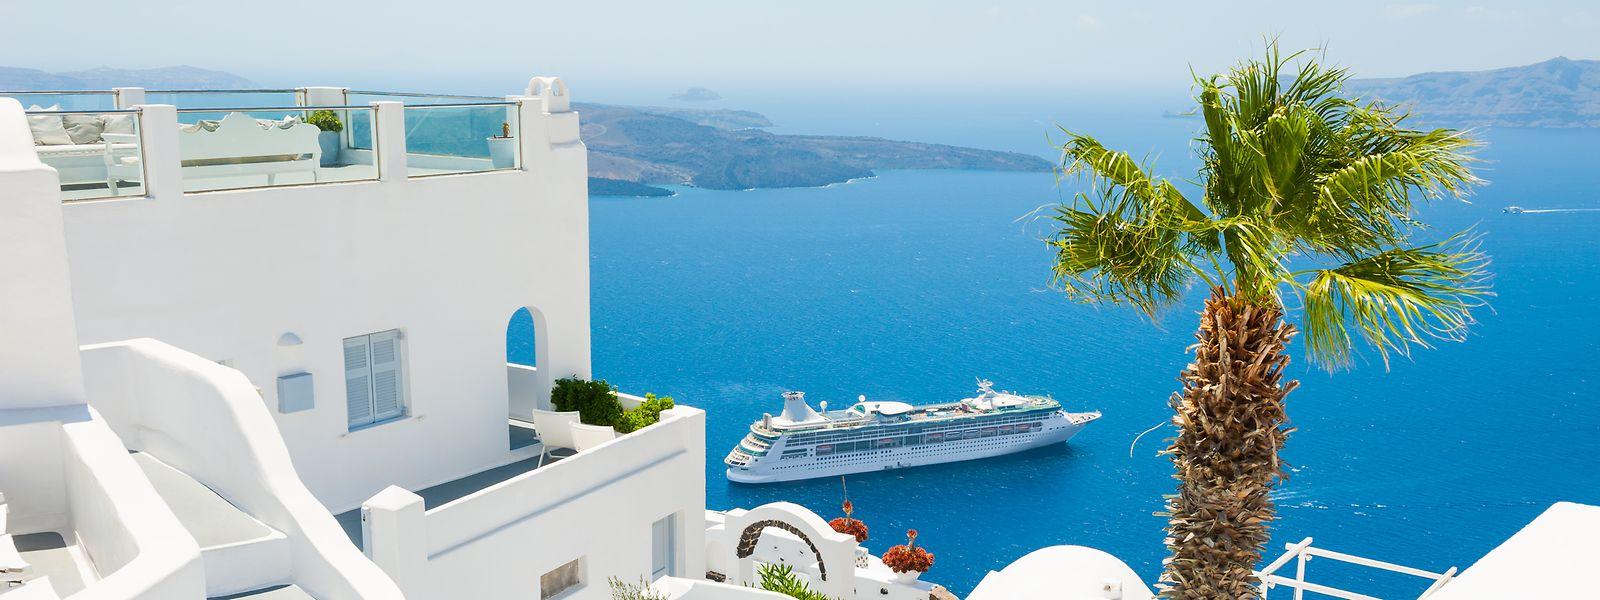 Steigende Investitionen und ein Boom im Tourismus sind wichtige Wachstumsmotoren.